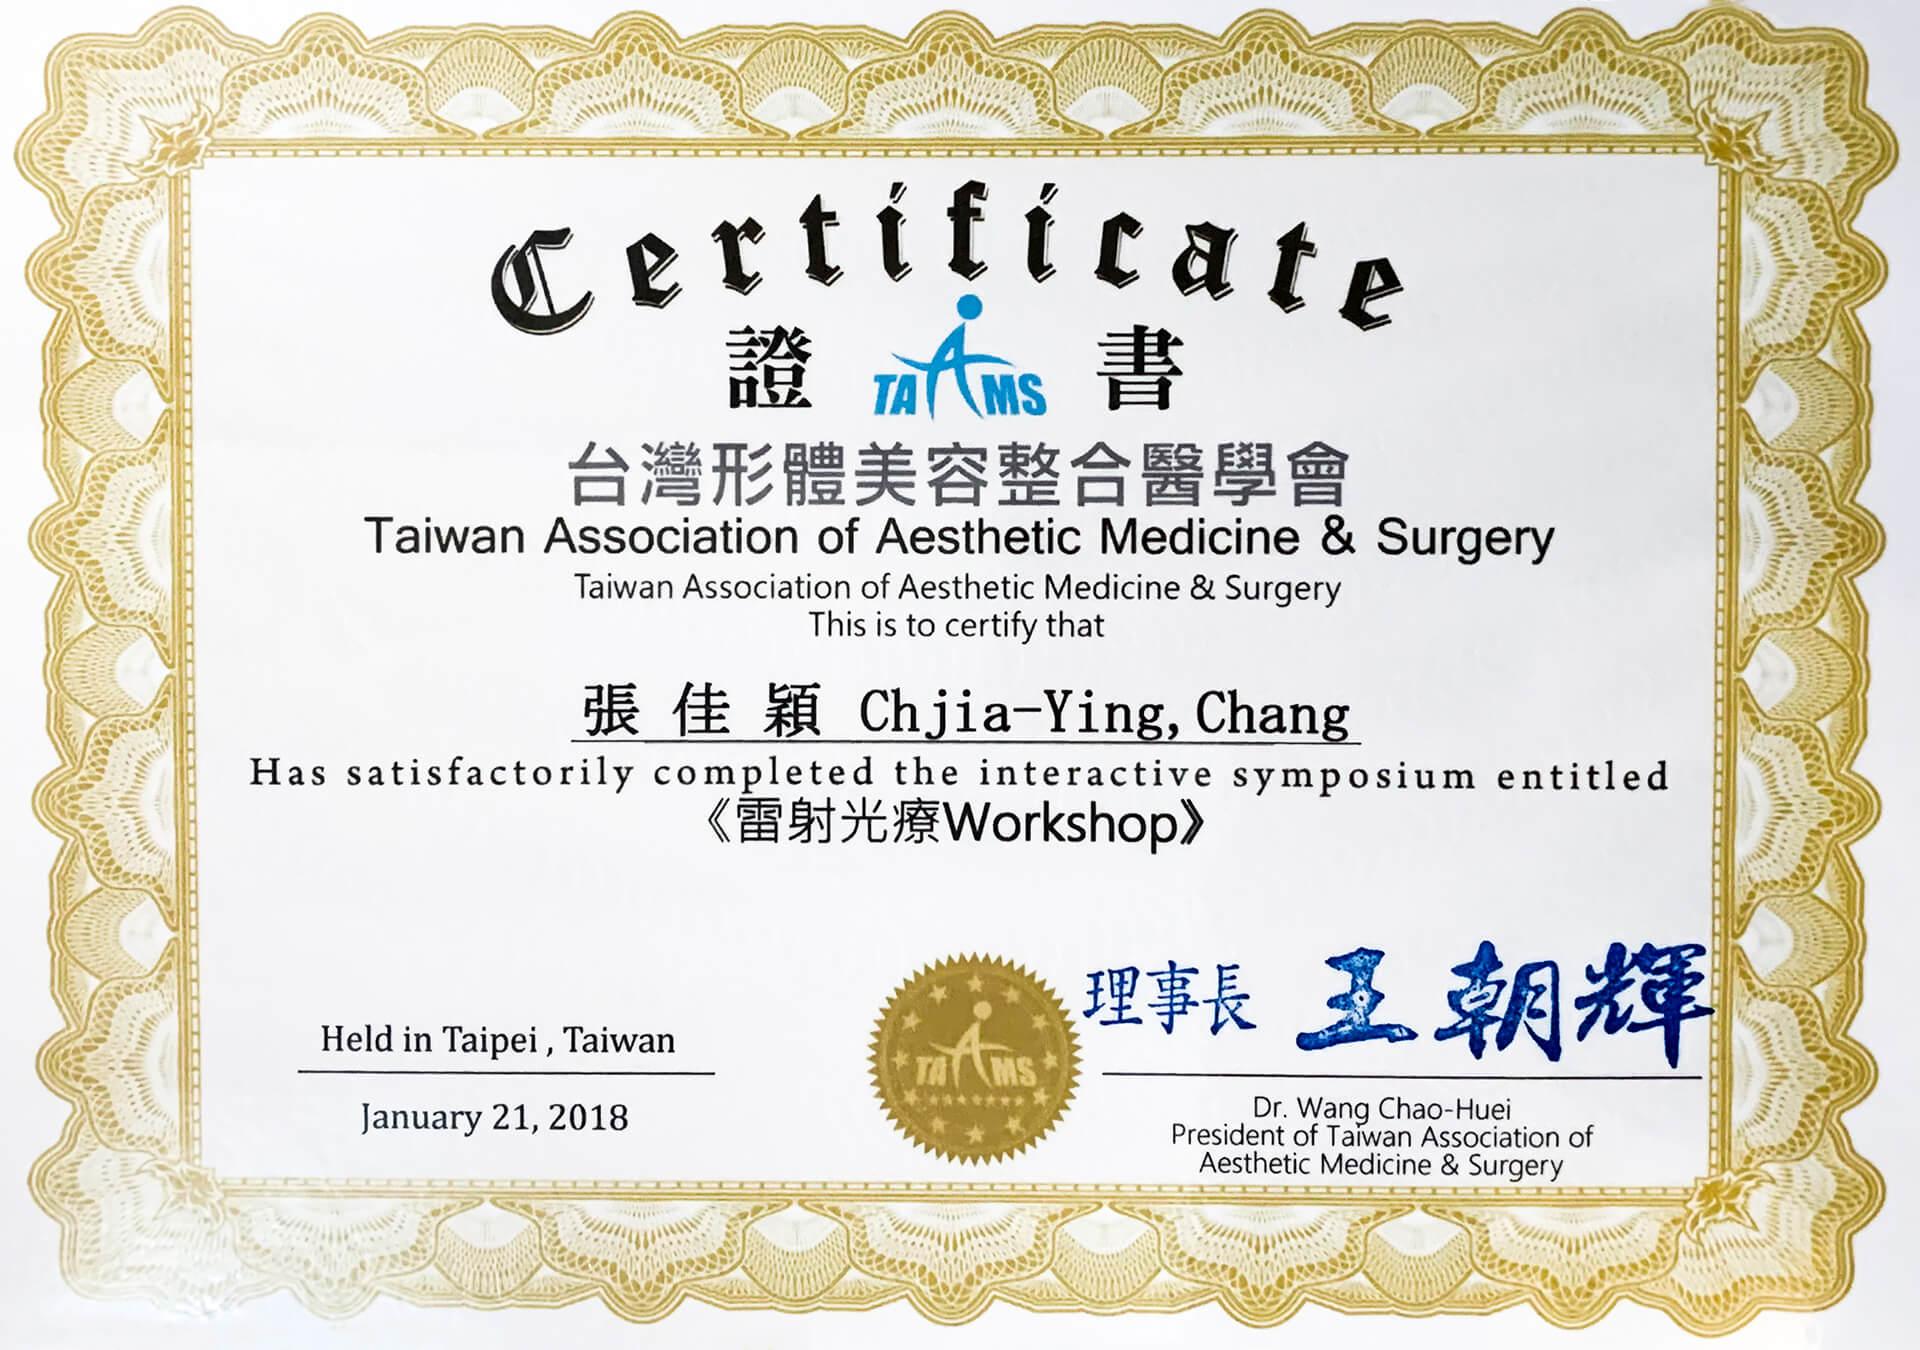 形體美容雷射光療workshop完成-1.jpg